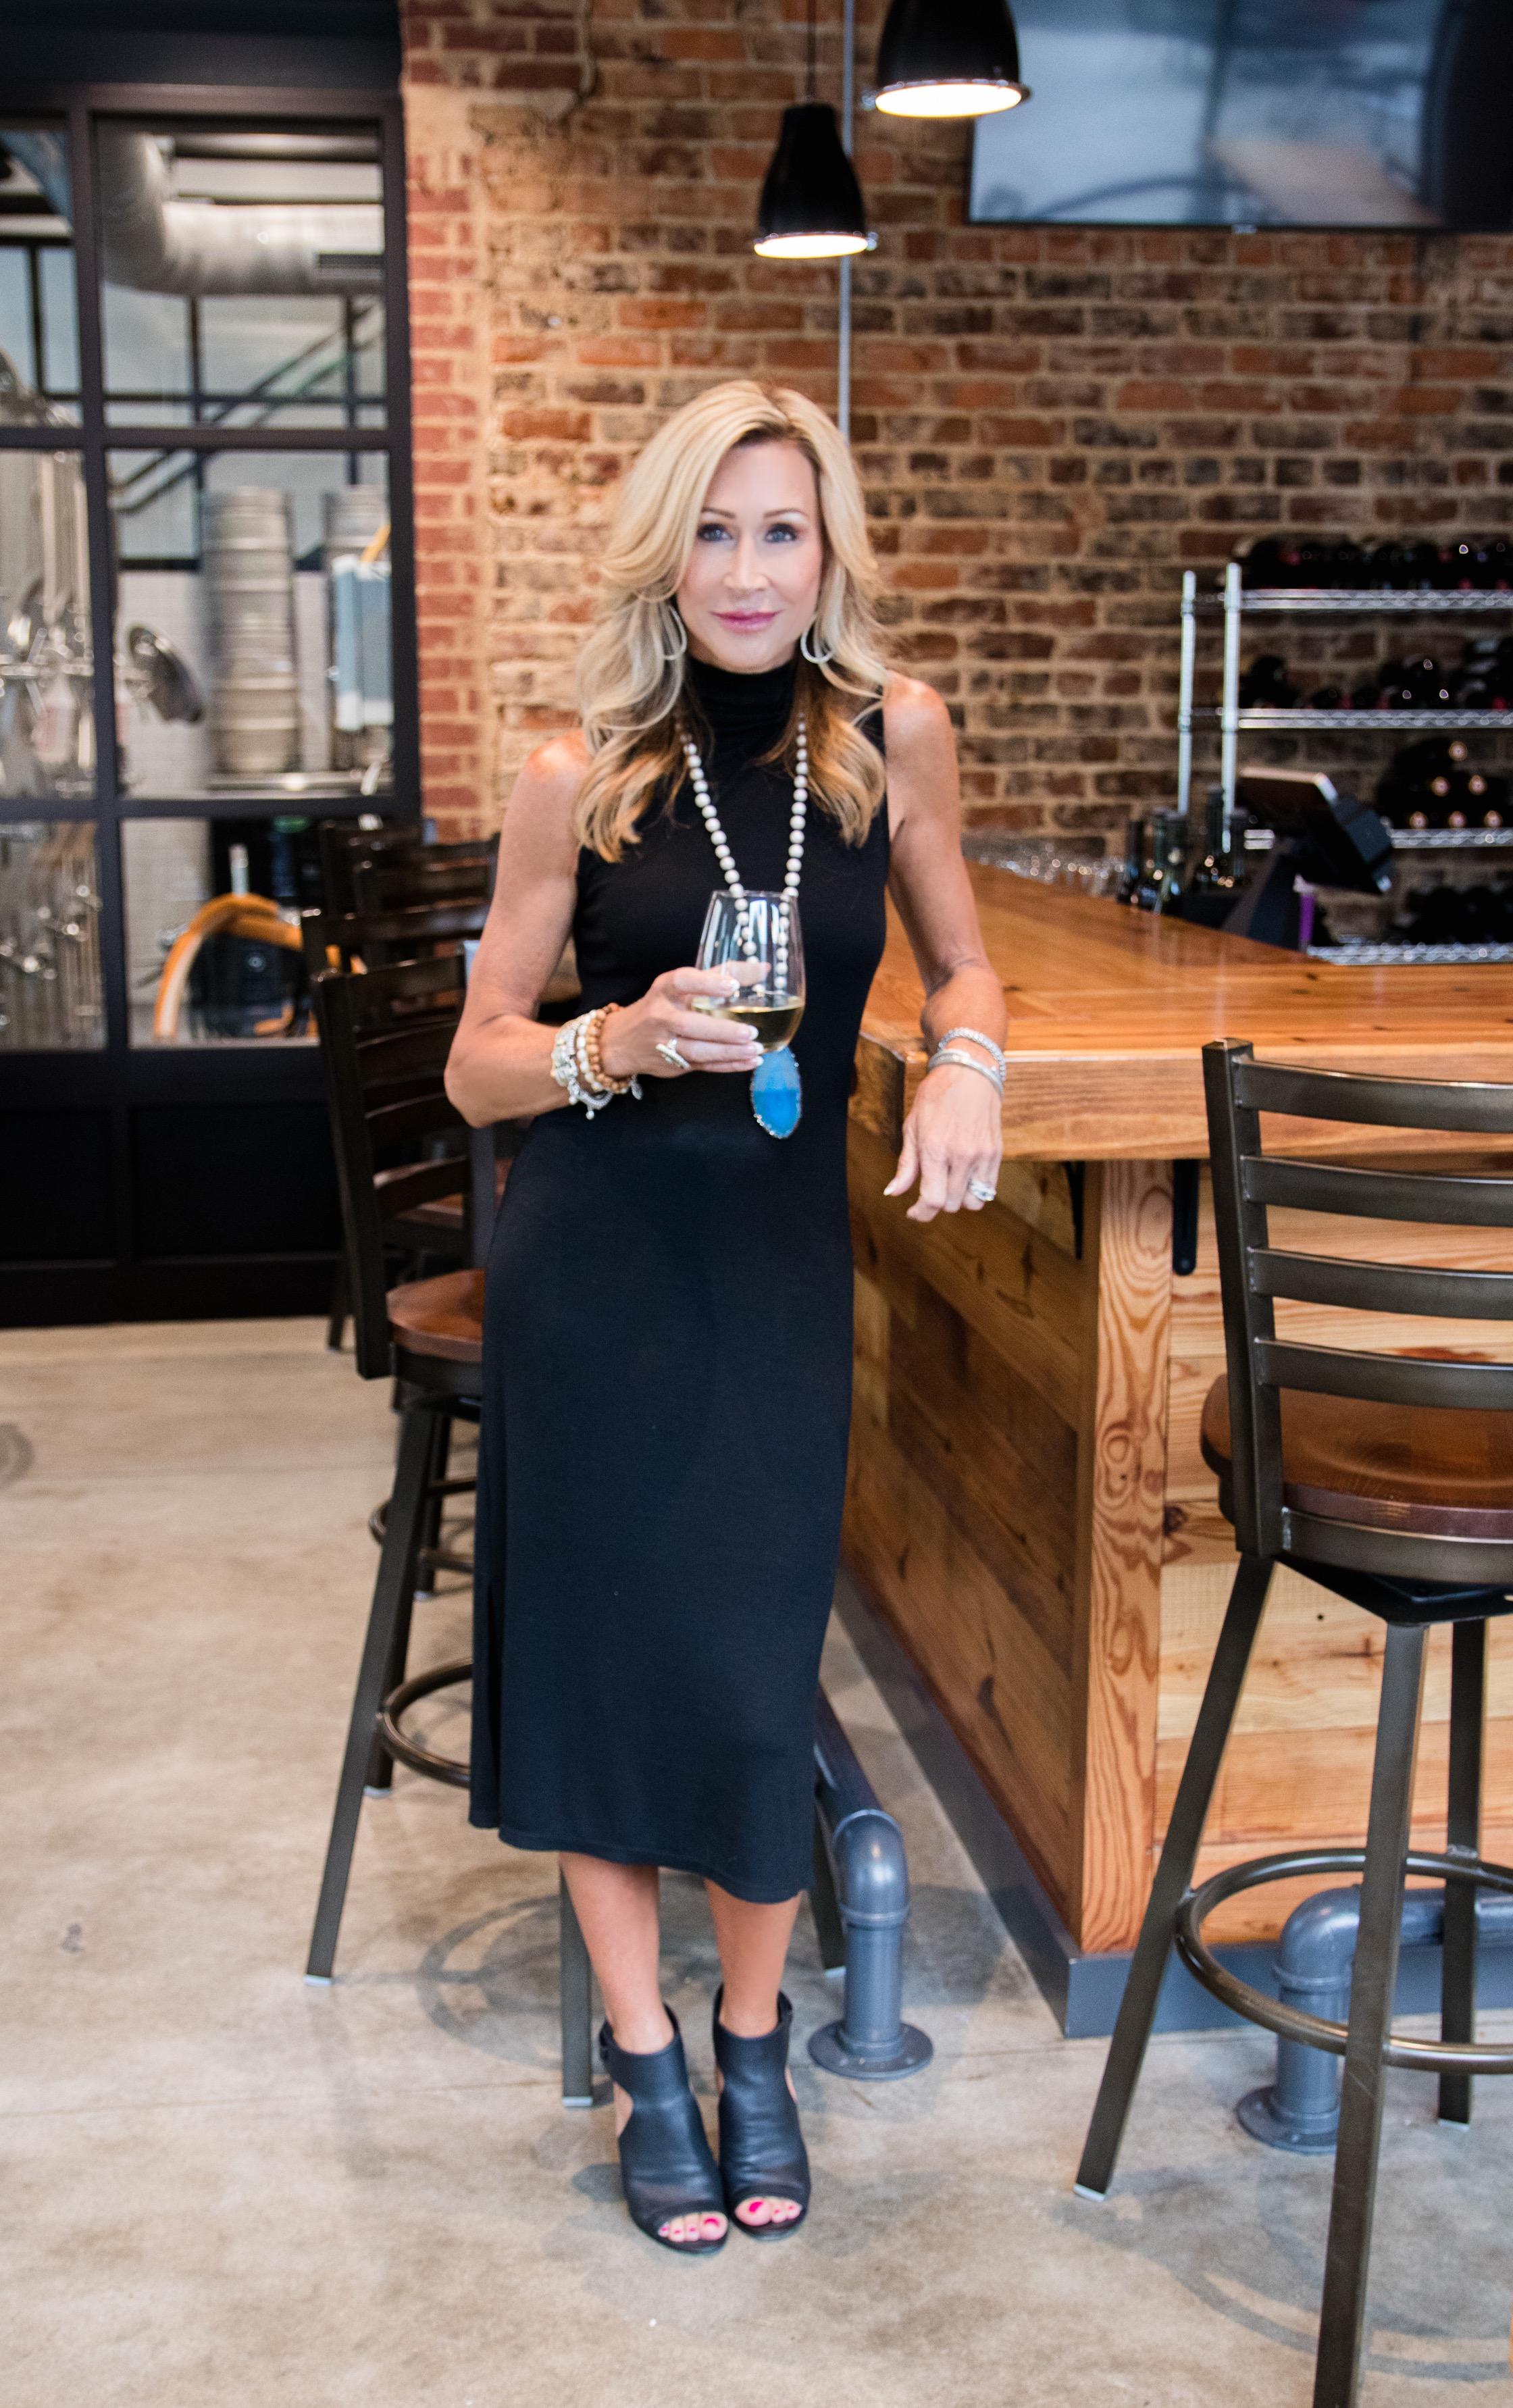 Target Black turtleneck dress - Crazy Blonde Life